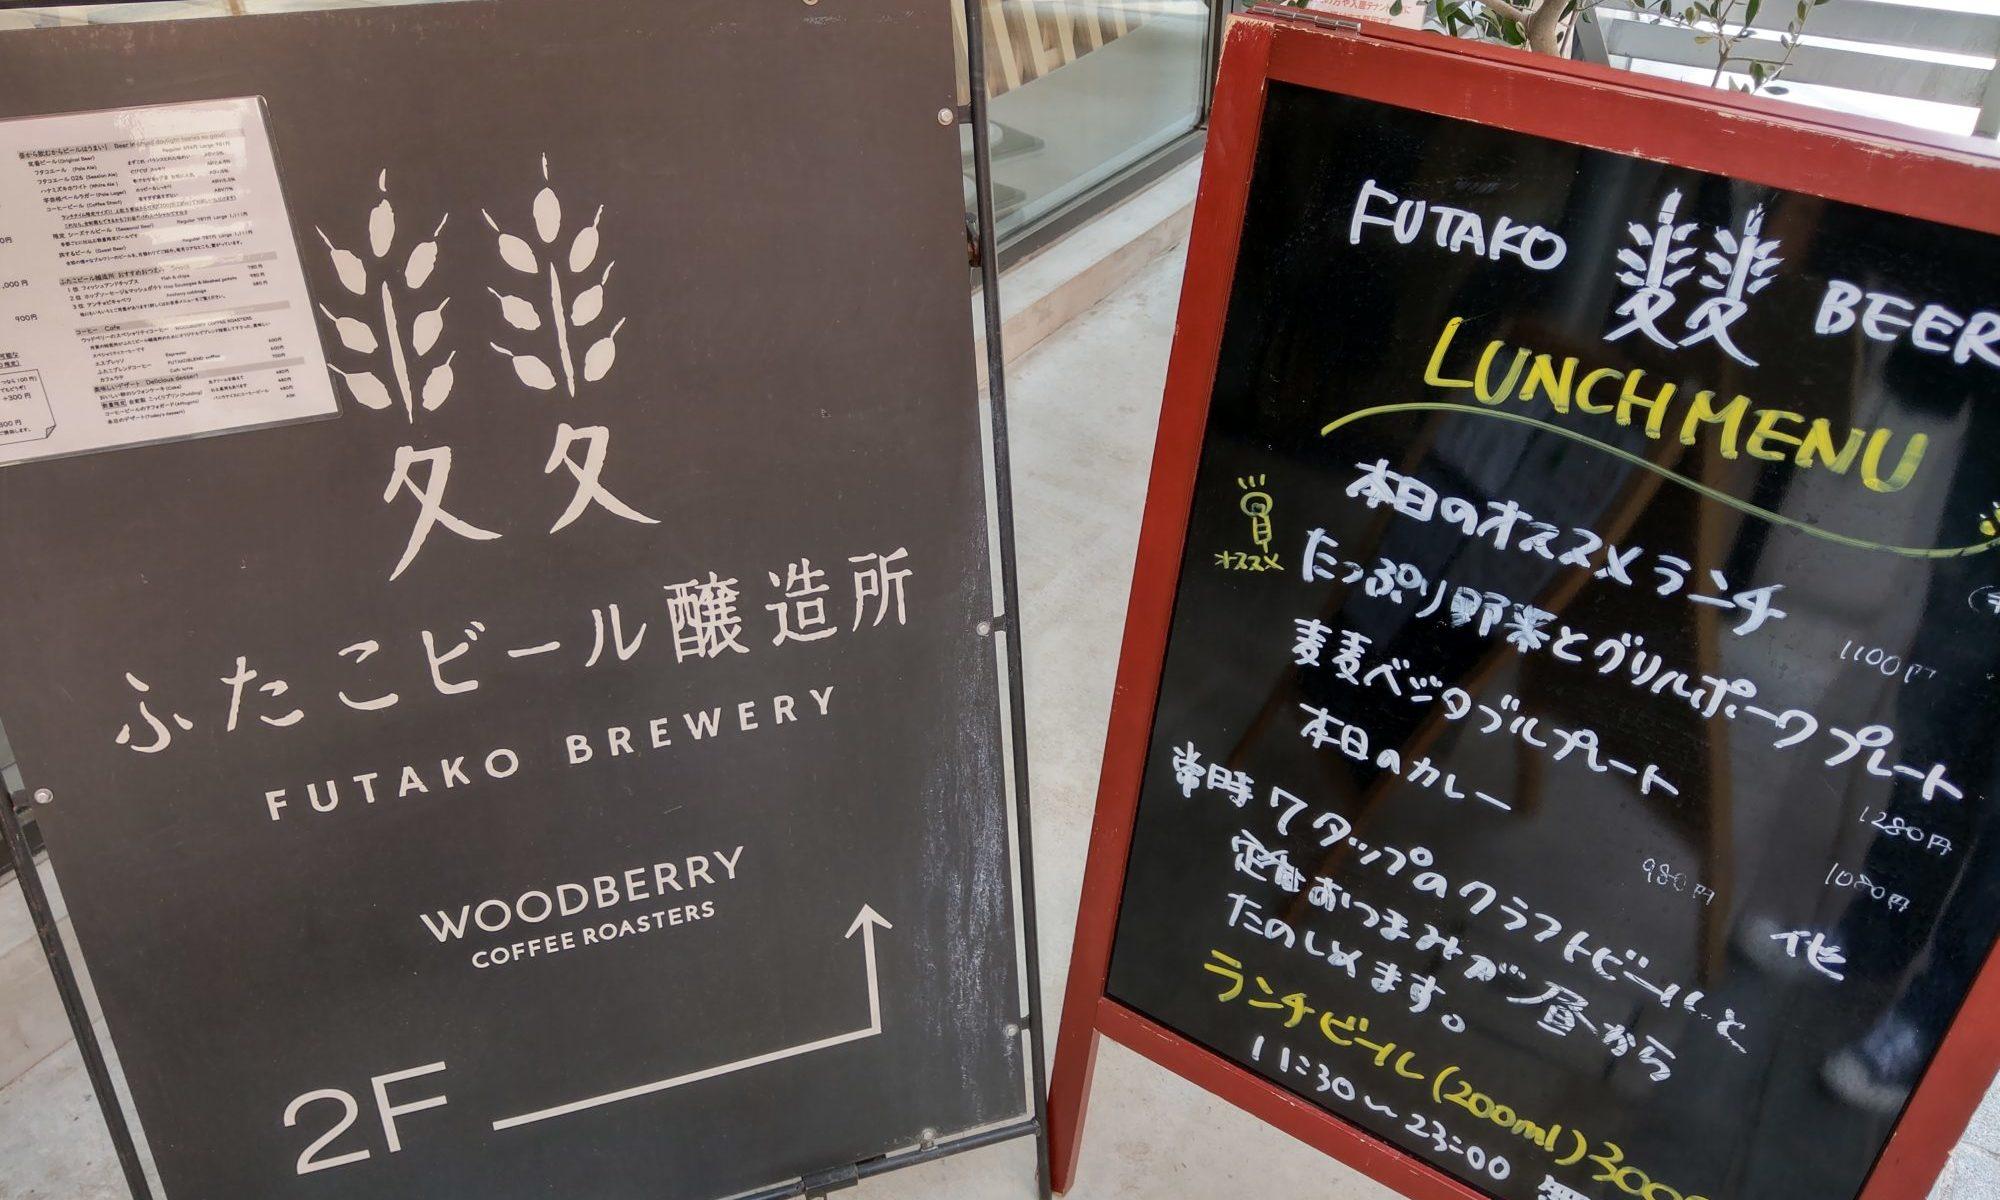 ふたこビール醸造所